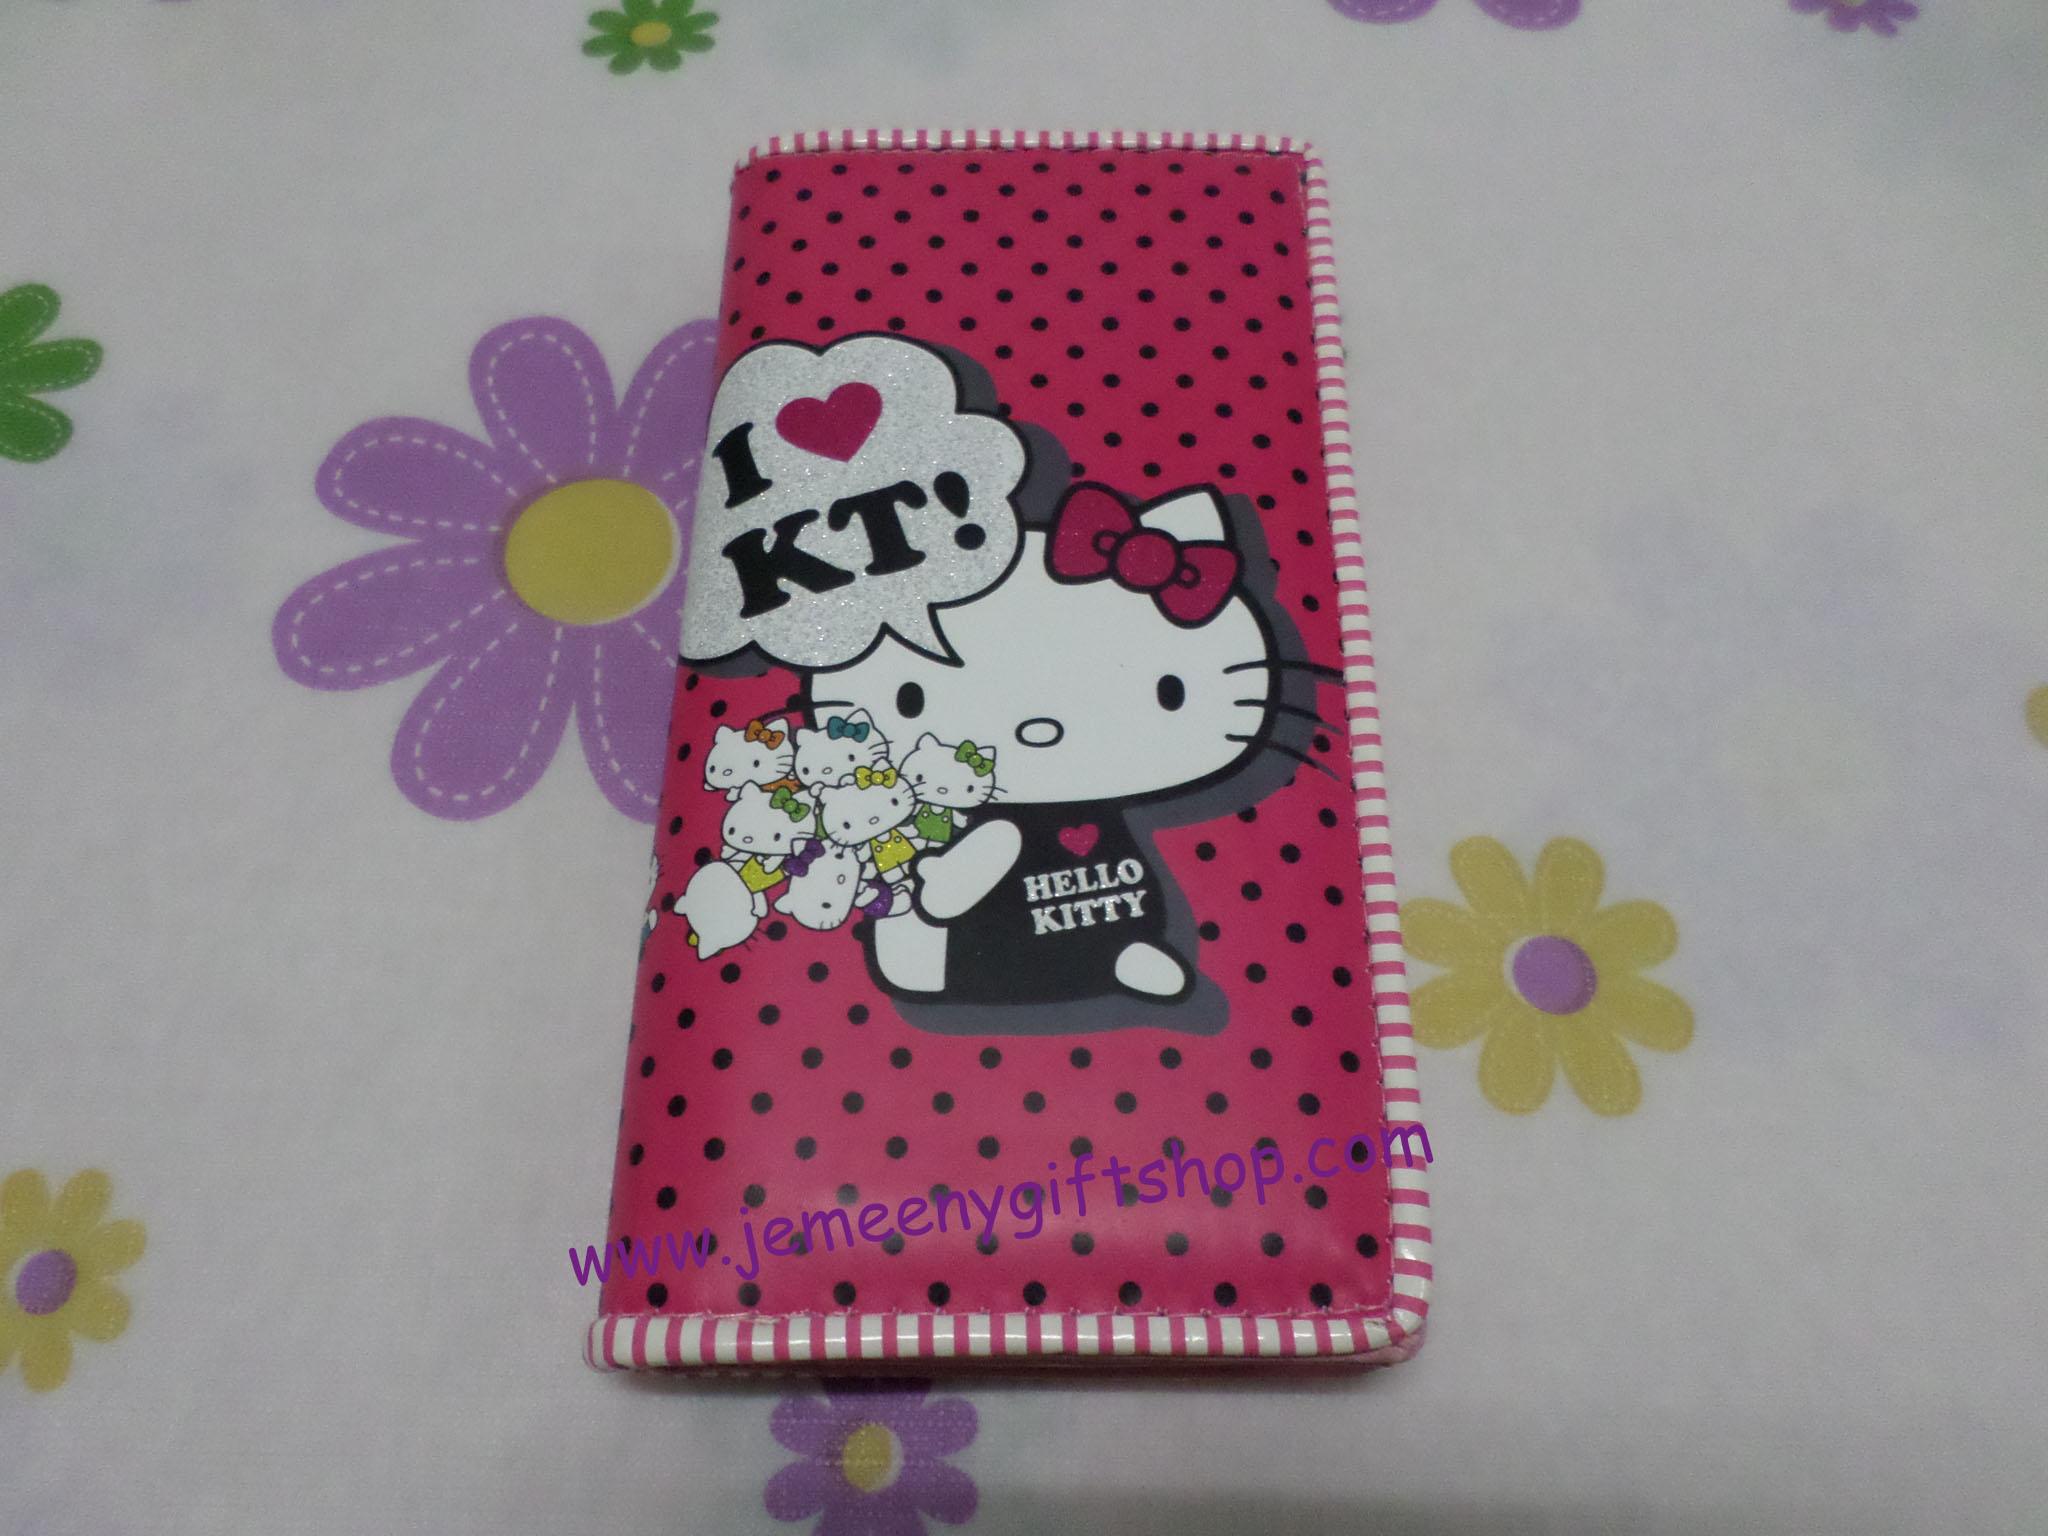 กระเป๋าสตางศ์ใบยาว ฮัลโหลคิตตี้ Hello kitty#11 ขนาด 7.5 นิ้ว x 4 นิ้ว ลายคิตตี้โบว์แดง พื้นชมพูเข้มจุดดำ ซิปรอบ